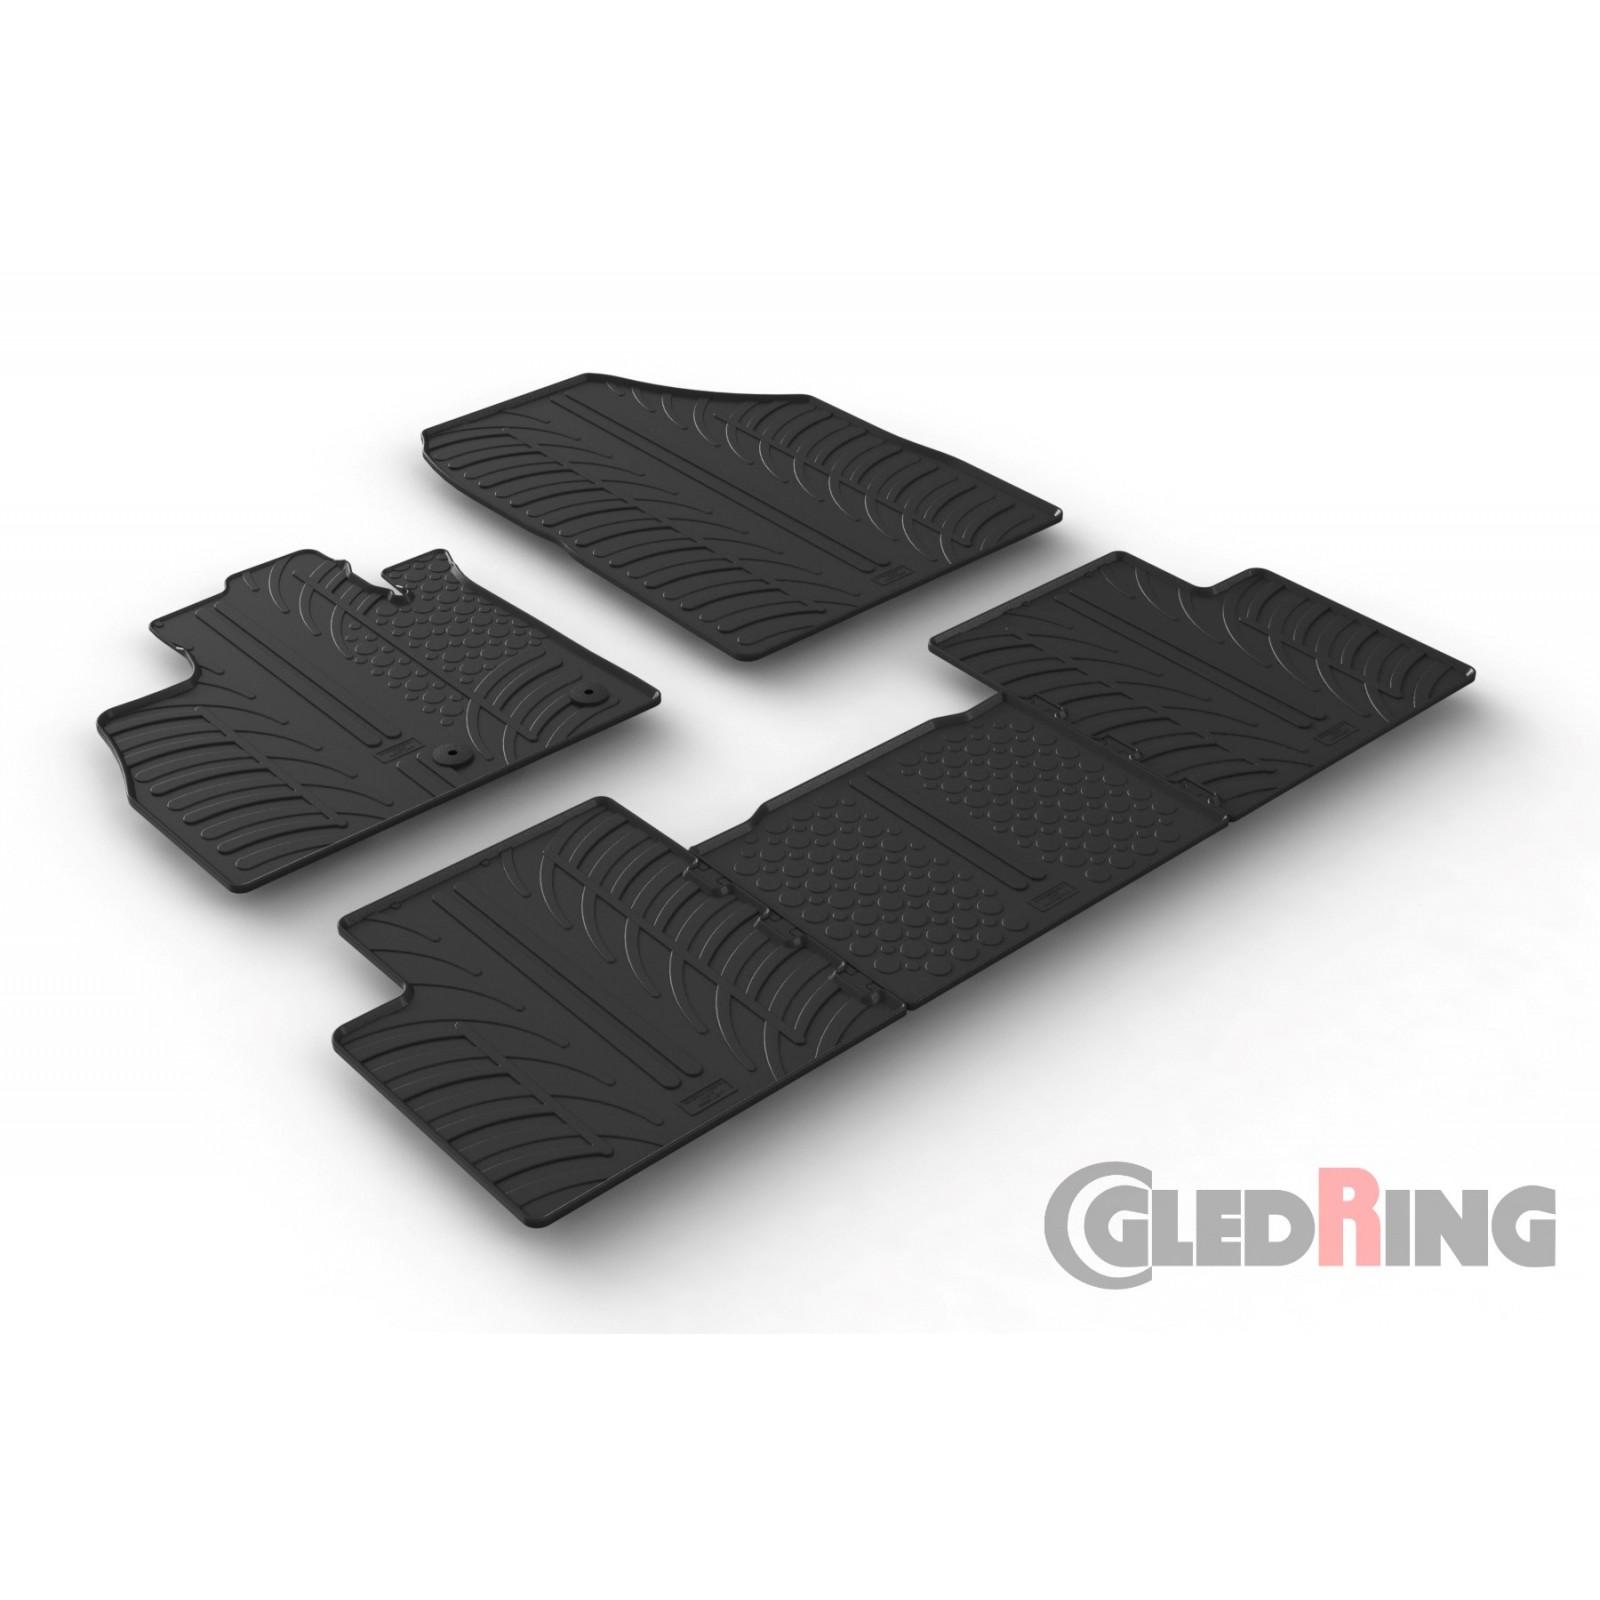 tapis en caoutchouc pour renault scenic. Black Bedroom Furniture Sets. Home Design Ideas